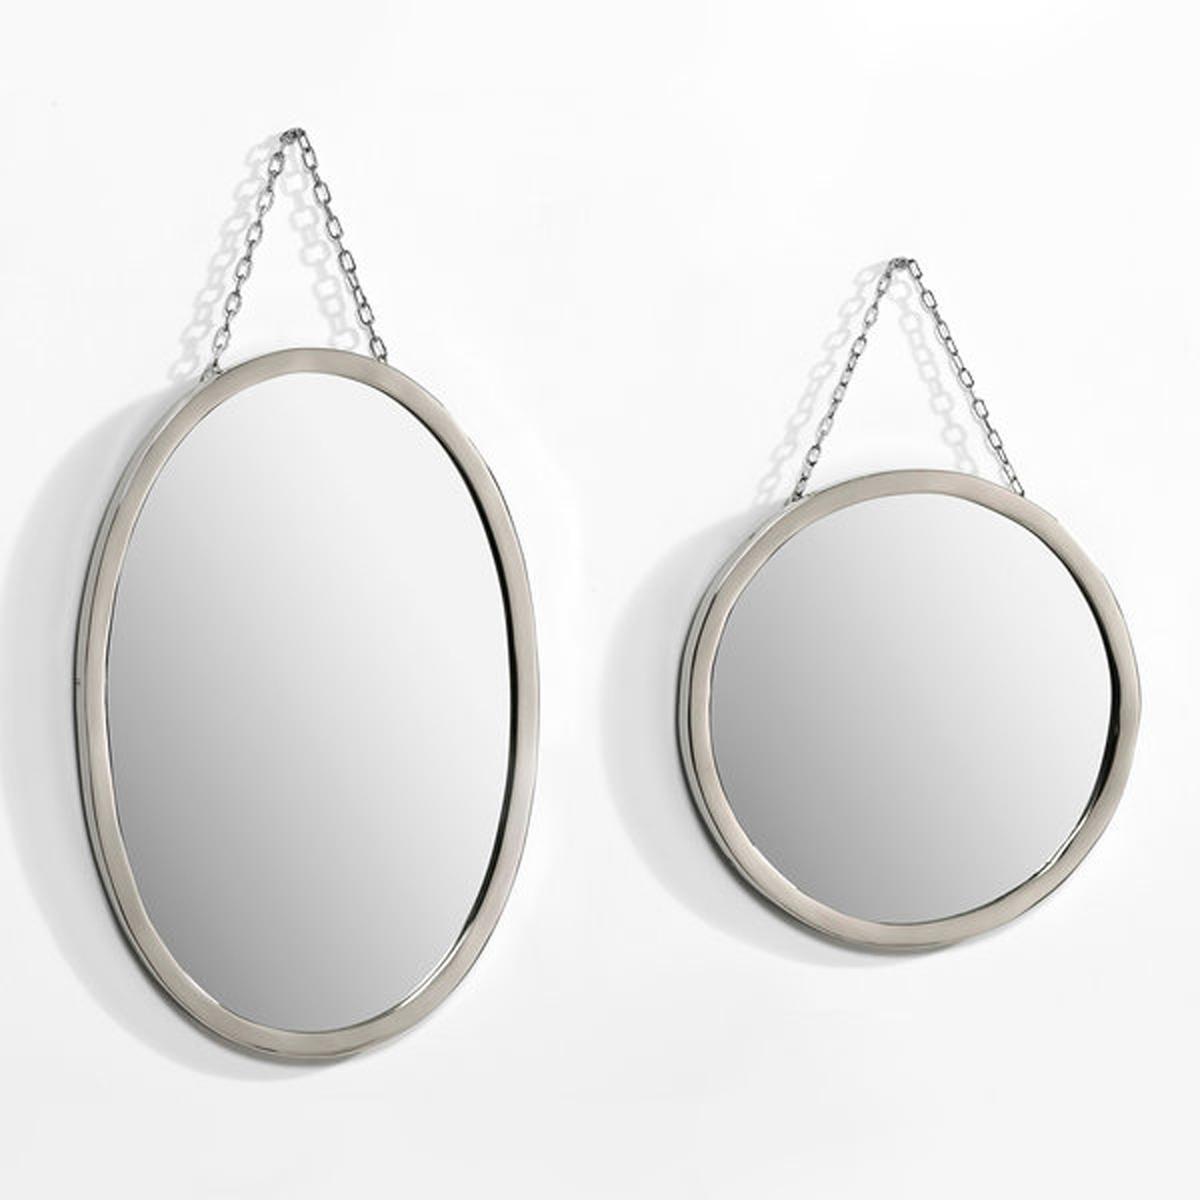 Зеркало Barbier, круглое ?30 смЗеркало круглое в ретро стиле  .Характеристики: :- Рамка из никелированной латуни  .- Цепочка-подвеска из металла с никелевым покрытием  .Размеры  :- Диаметр 30 см.<br><br>Цвет: безцветный